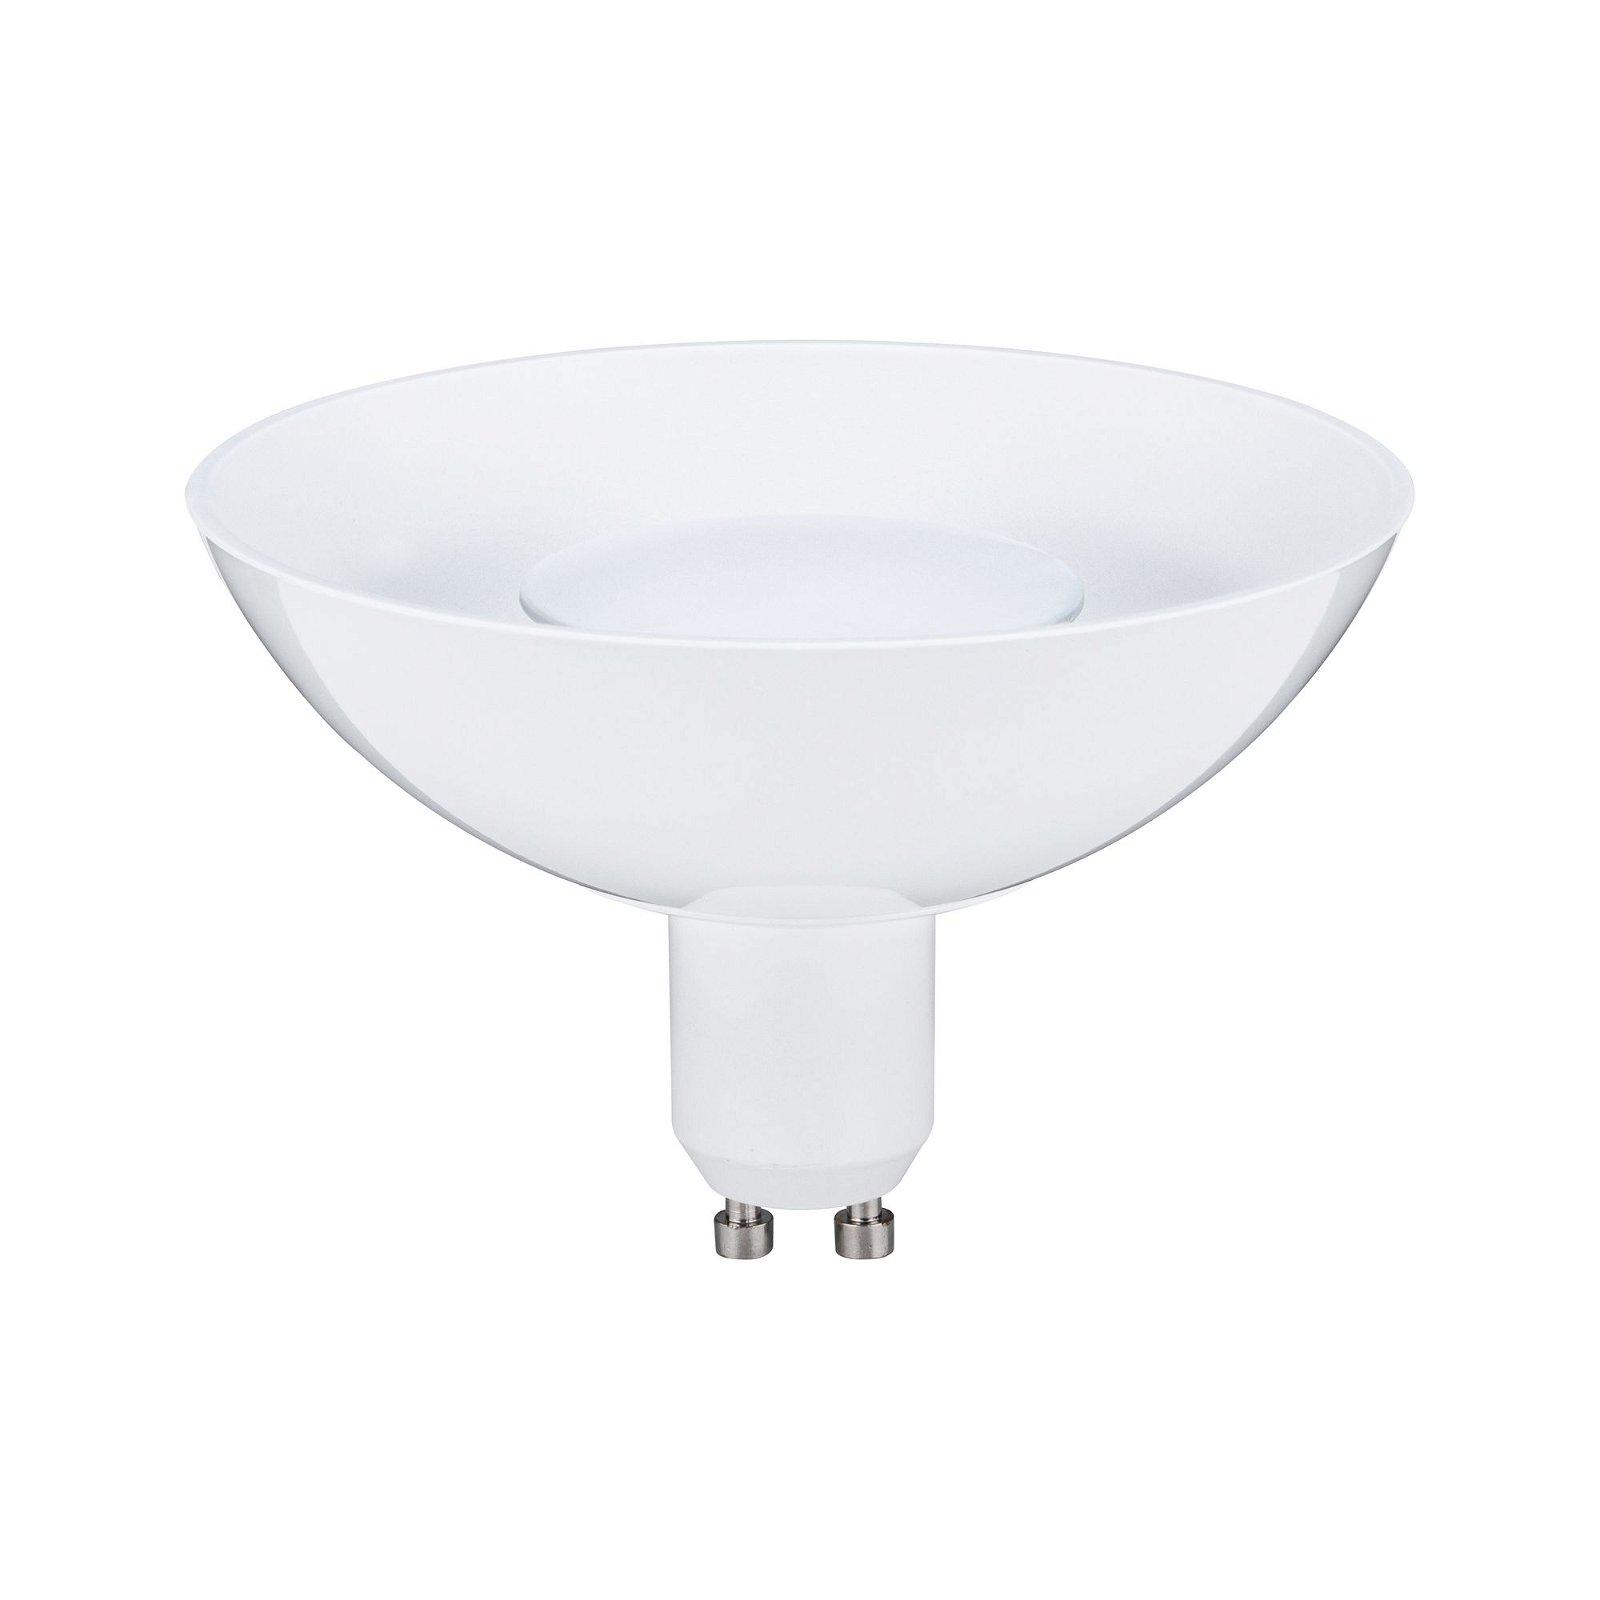 LED Reflektor GU10 230V 360lm 4,9W 3000K Weiß